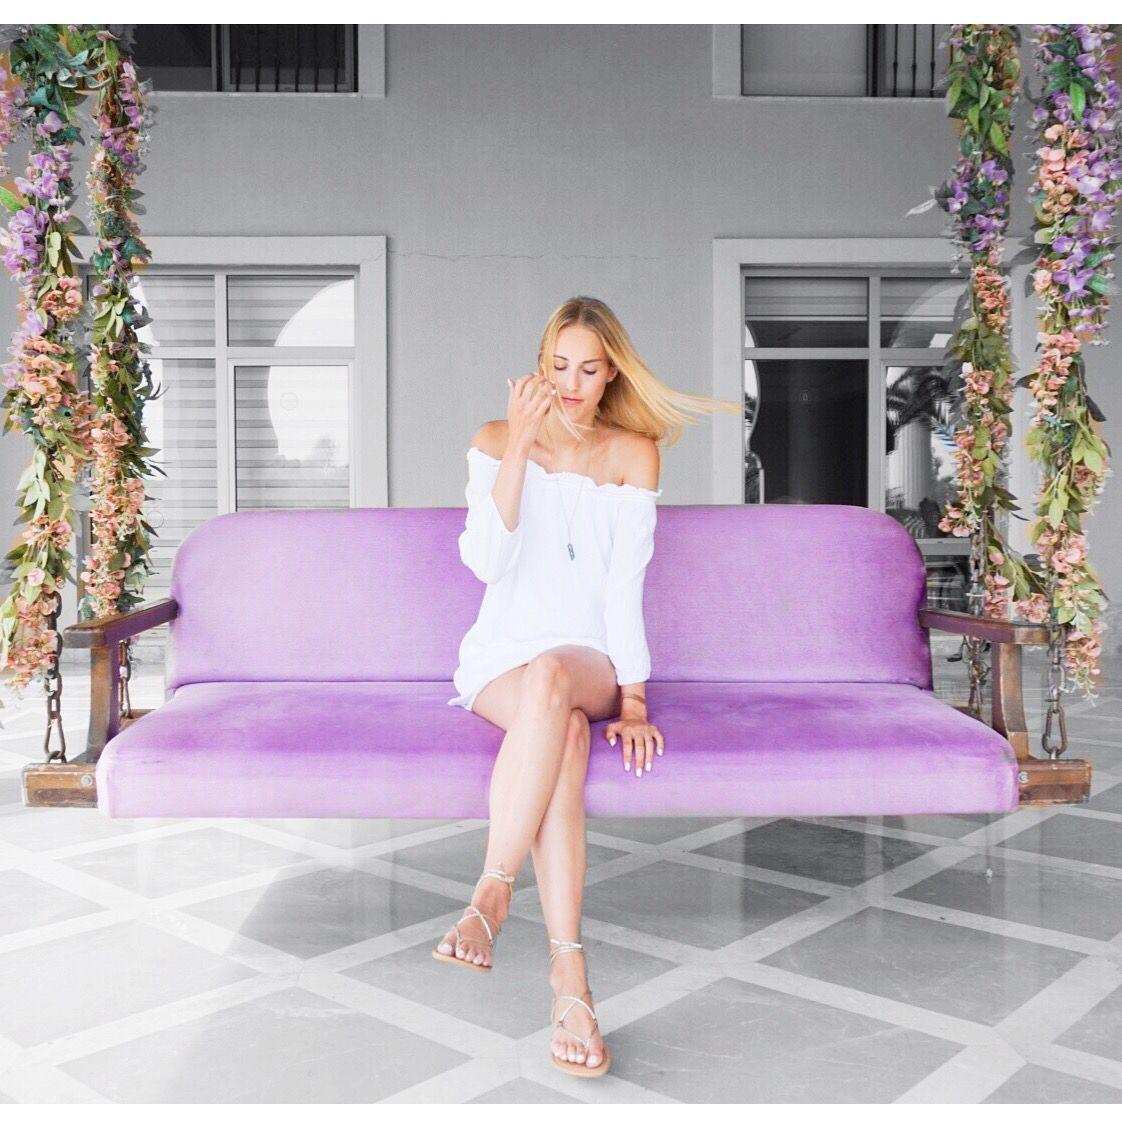 W h i t e • d r e s s  #dailyoutfit#blogger#blogger_de#fashionista#fashionblogger#fashionblogger_de#styleblog#styling#styleblogger#styleblogger_de#instadaily#dailyoutfit#instablogger#modeblogger#modeblogger_de#germanblogger#outfitinspration#mylook#mystyle#dailydose#dailyoutfitinspiration#blogwalk#styling#stylish#fashioninspiration